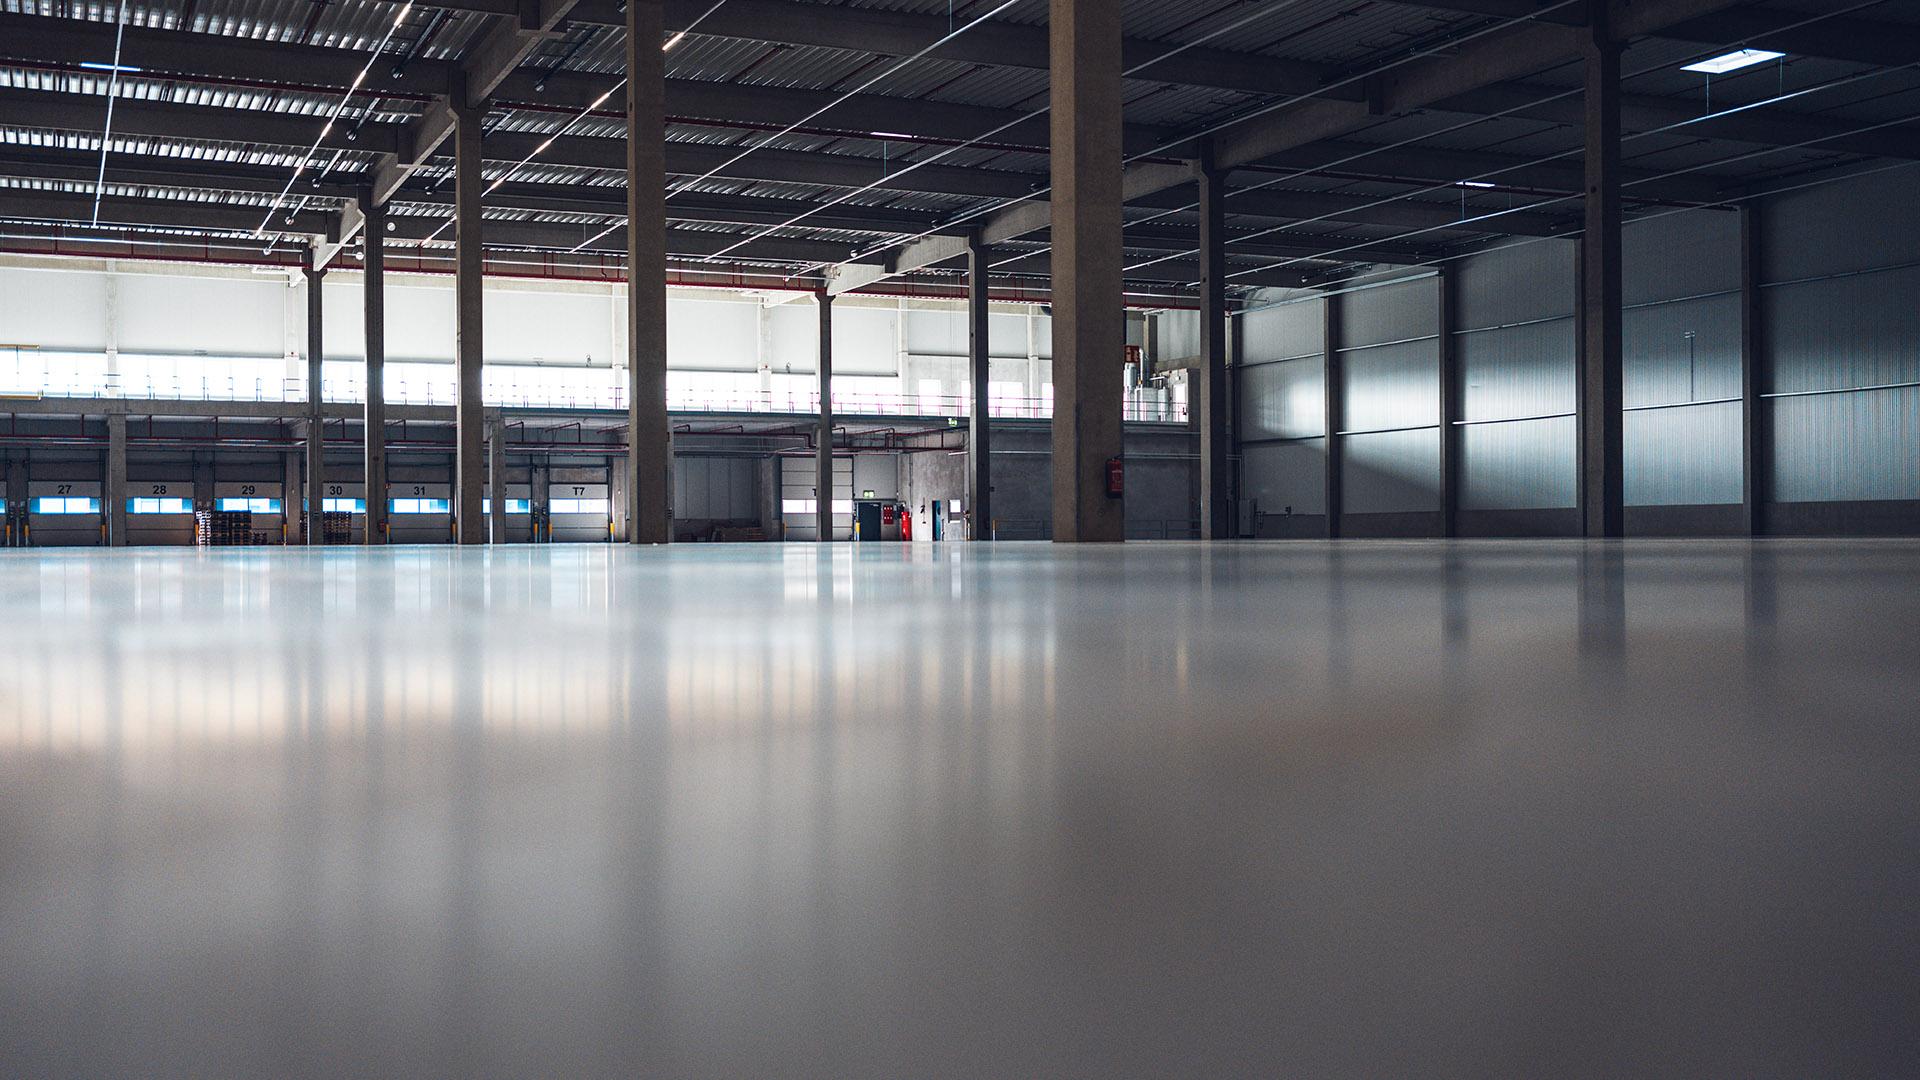 Stenkamp Lager Logistik Borken Duisburg Lebensmittel Lager Transport